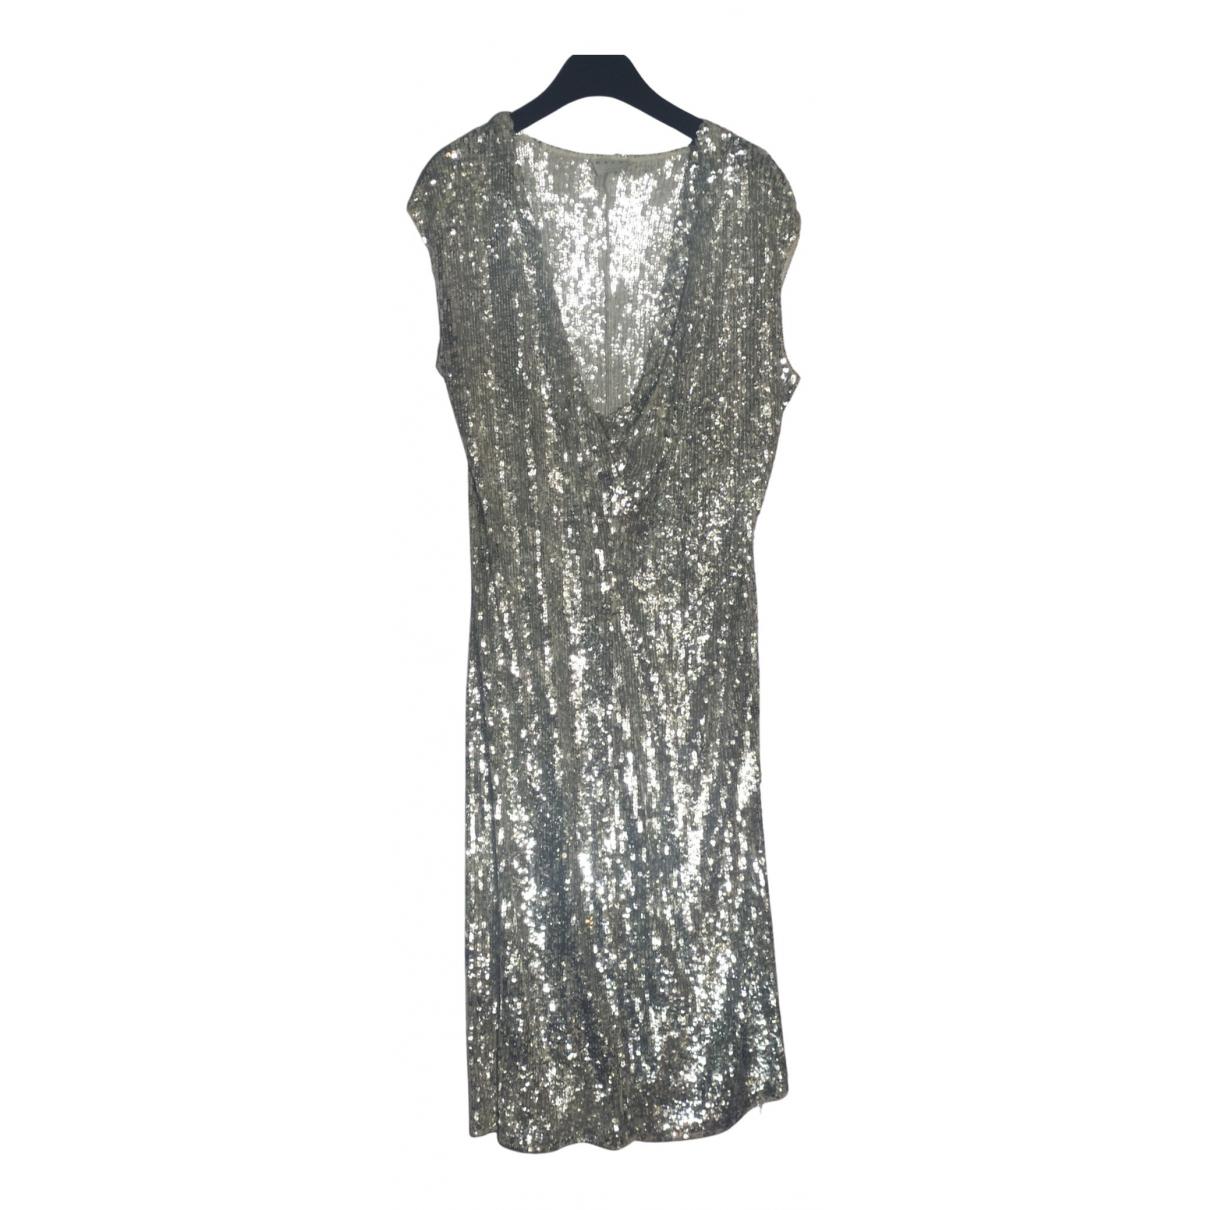 Marni \N Kleid in  Silber Baumwolle